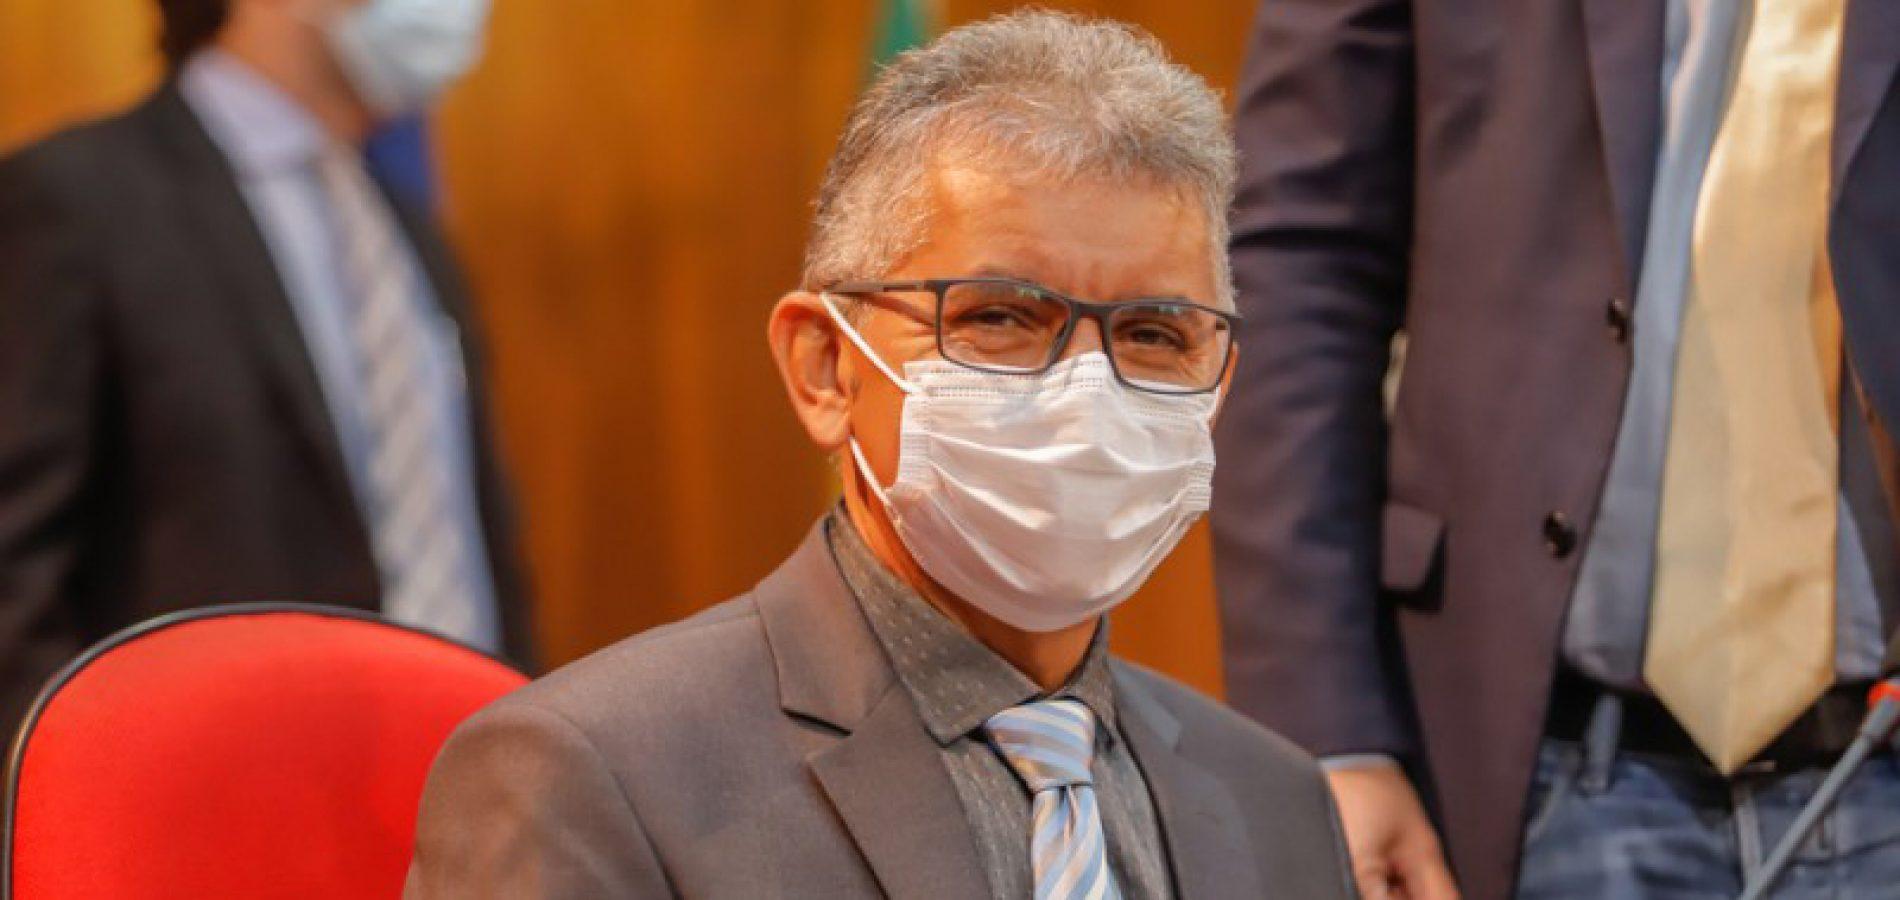 Paulo Martins reclama do aumento dos preços dos alimentos, que chegam a 150% no ano